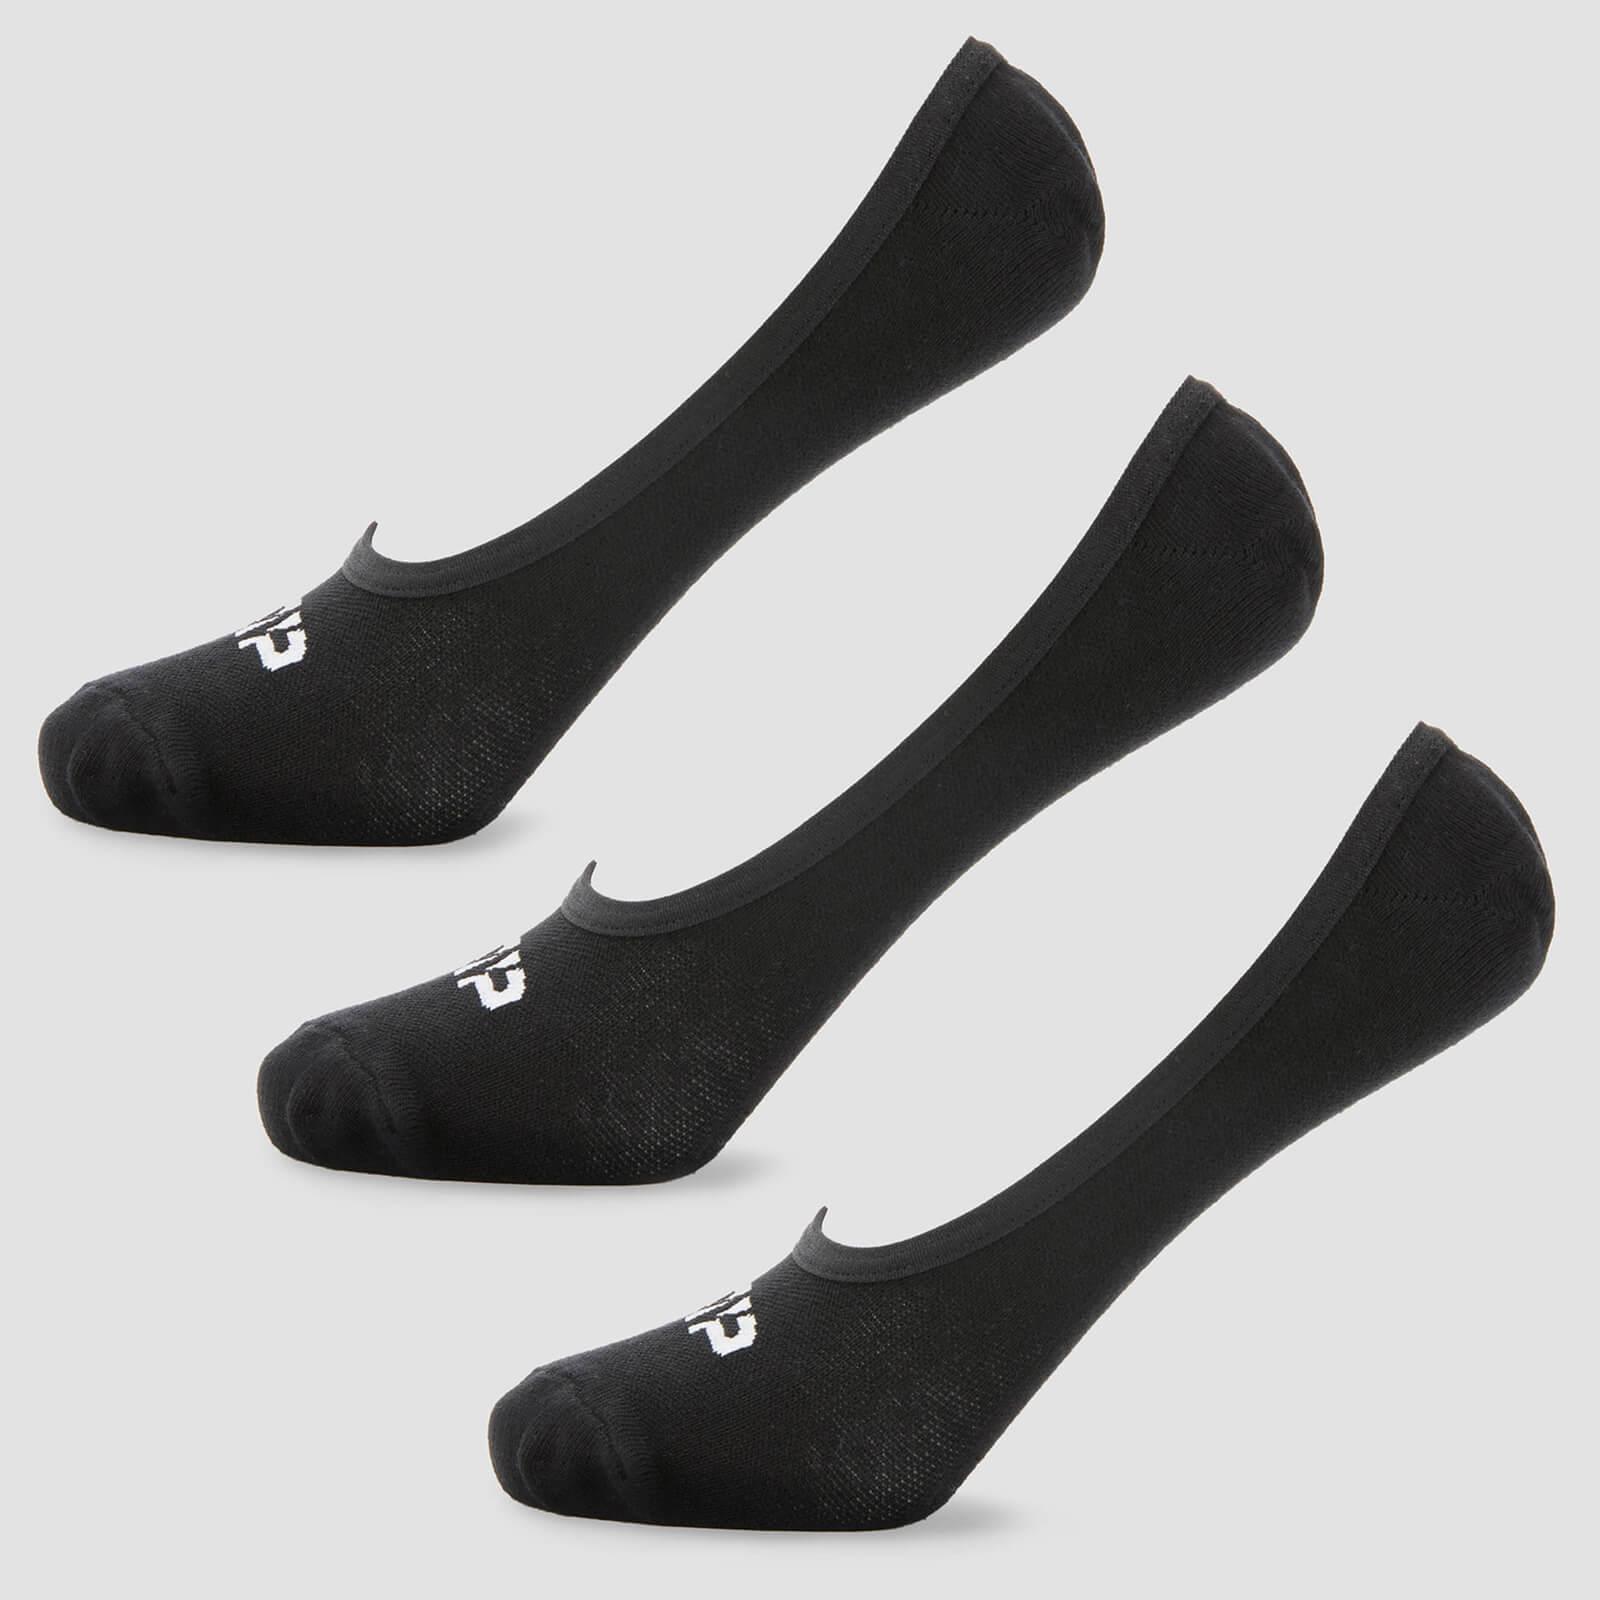 Chaussettes invisibles pour homme - Noir - UK 9-12